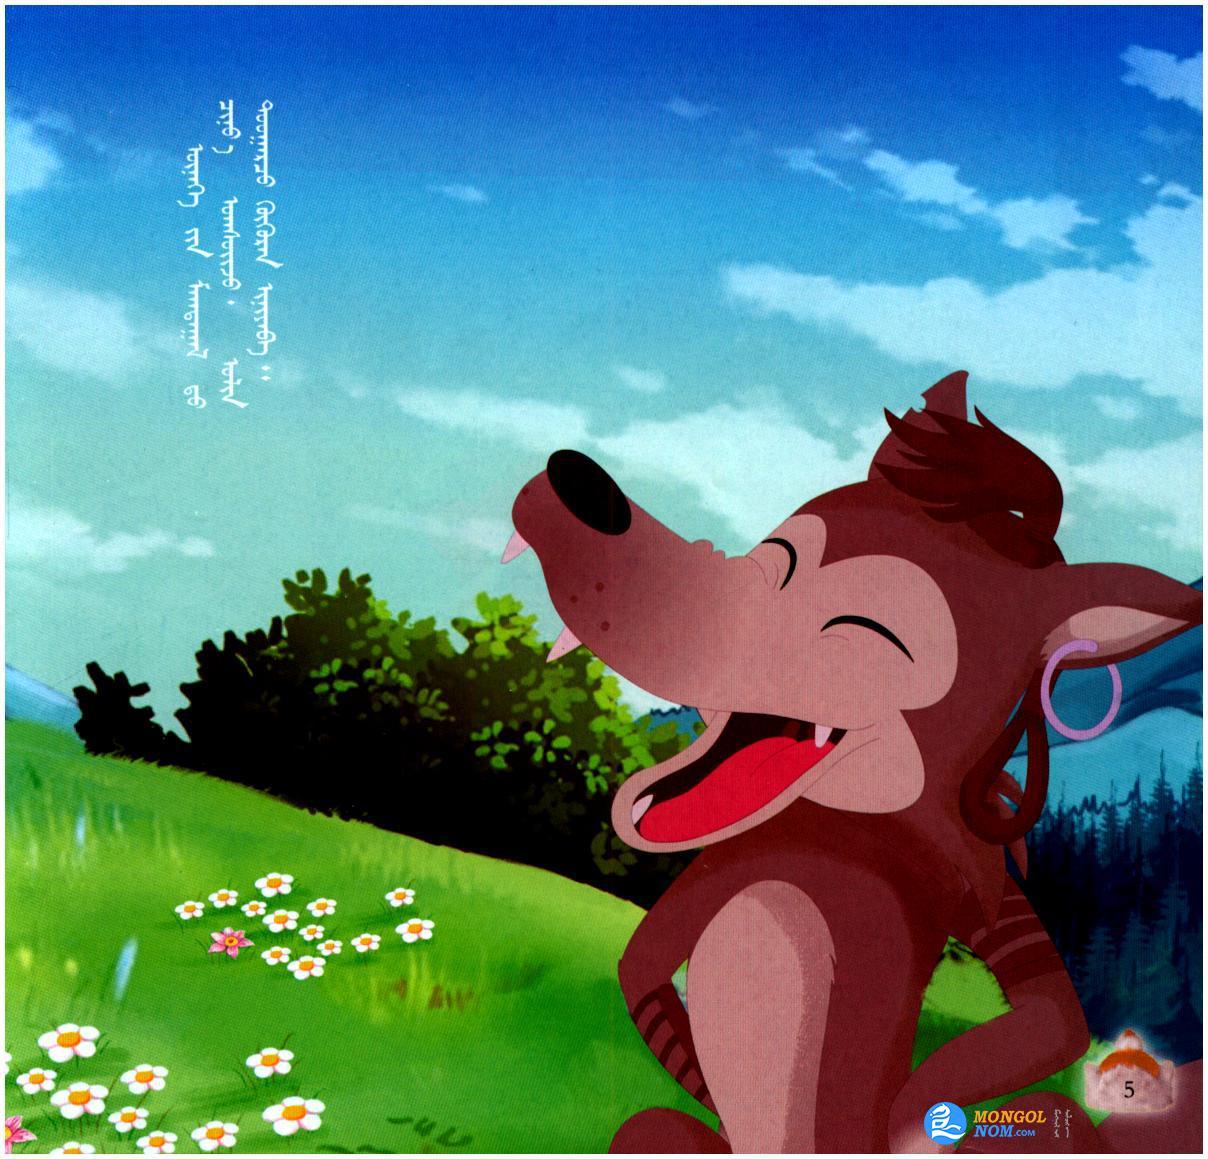 83克  上架时间:2017-04-05  书名:蒙古族动物寓言故事——狐狸的本性